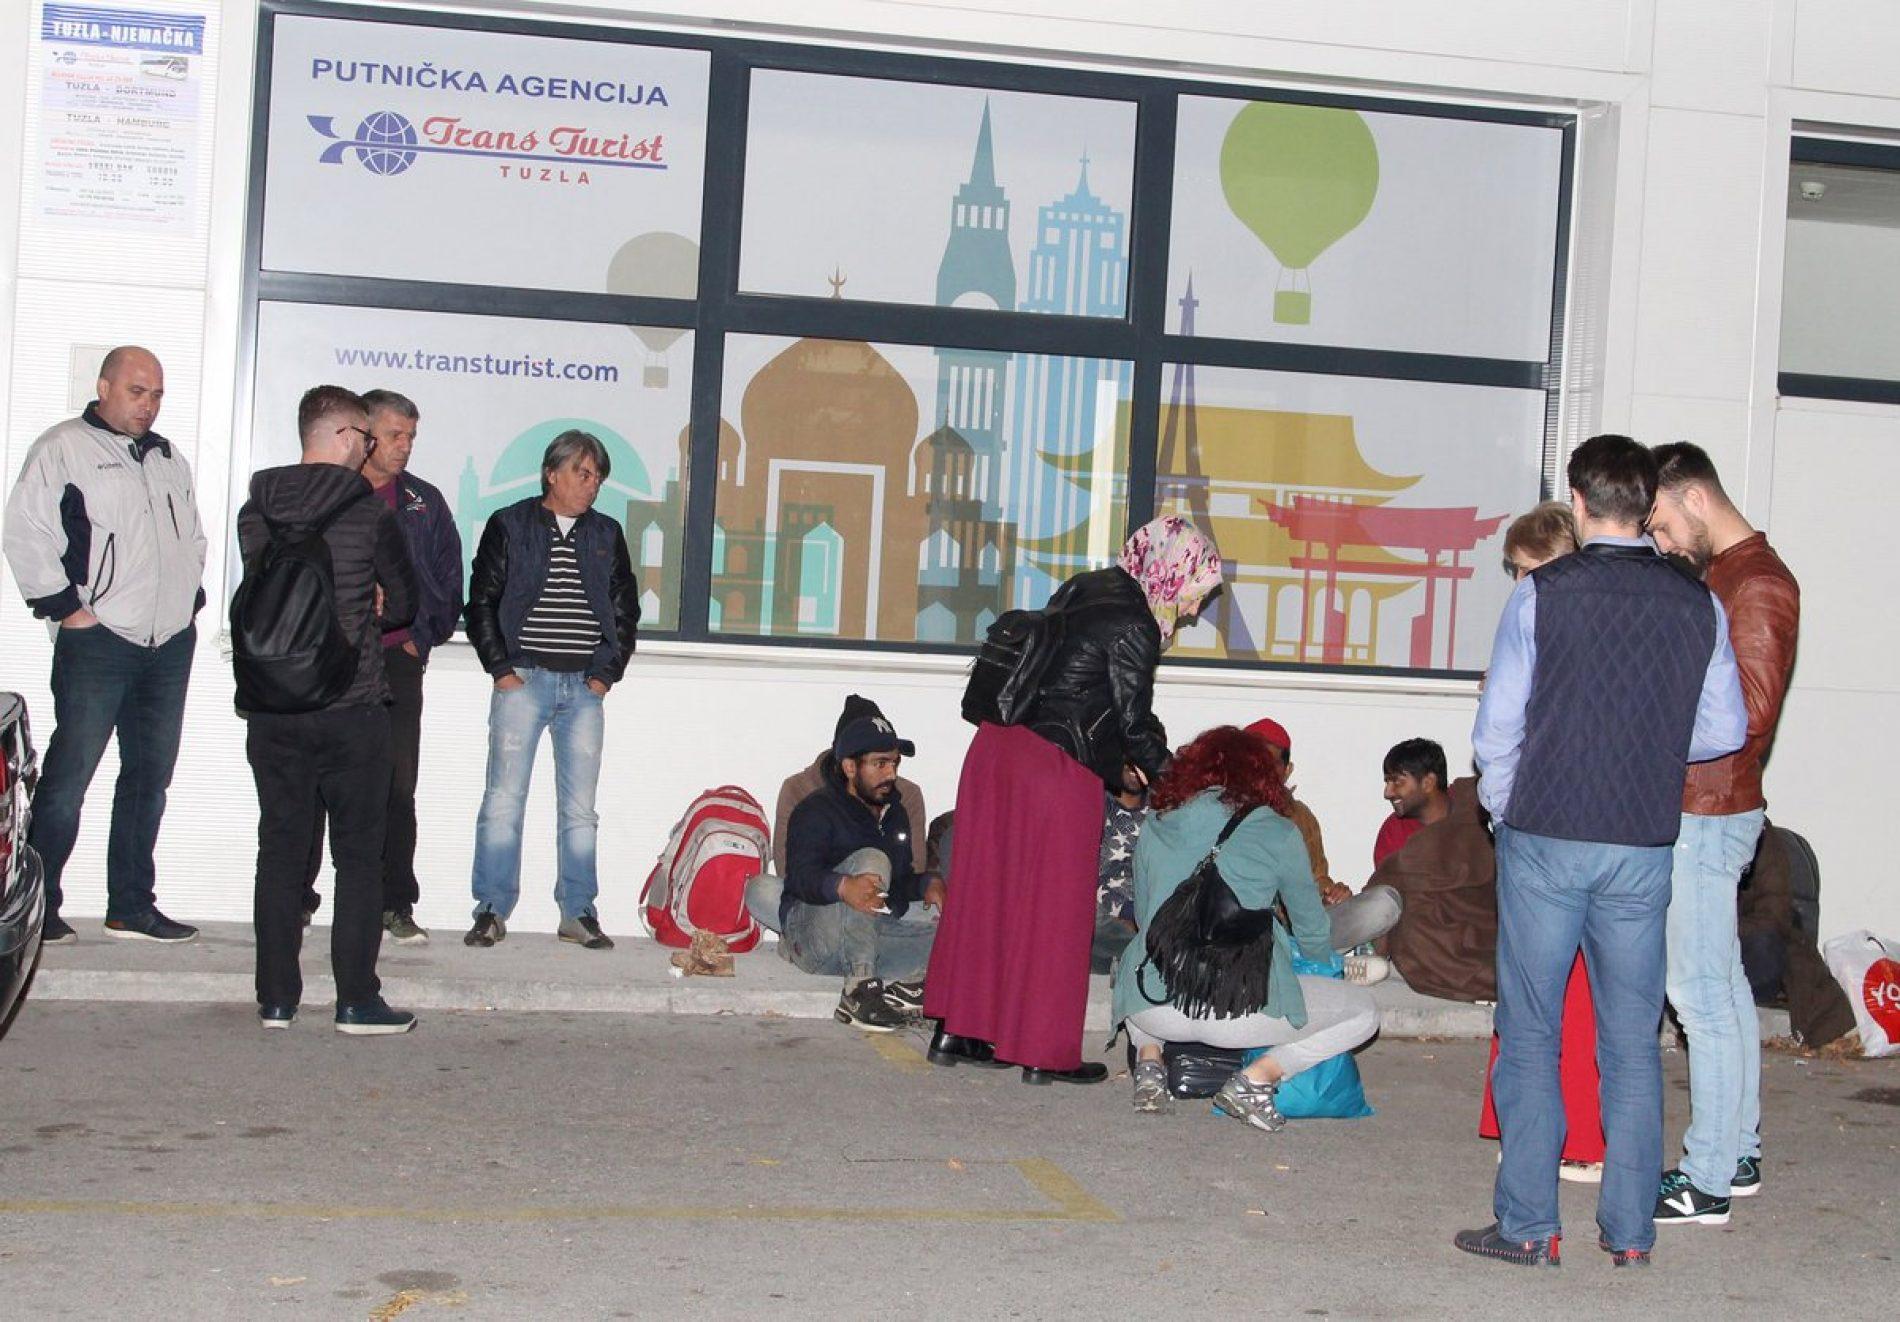 """Na """"bosanskoj ruti"""": Tuzlaci svakodnevno pomažu grupama migranata i izbjeglica"""